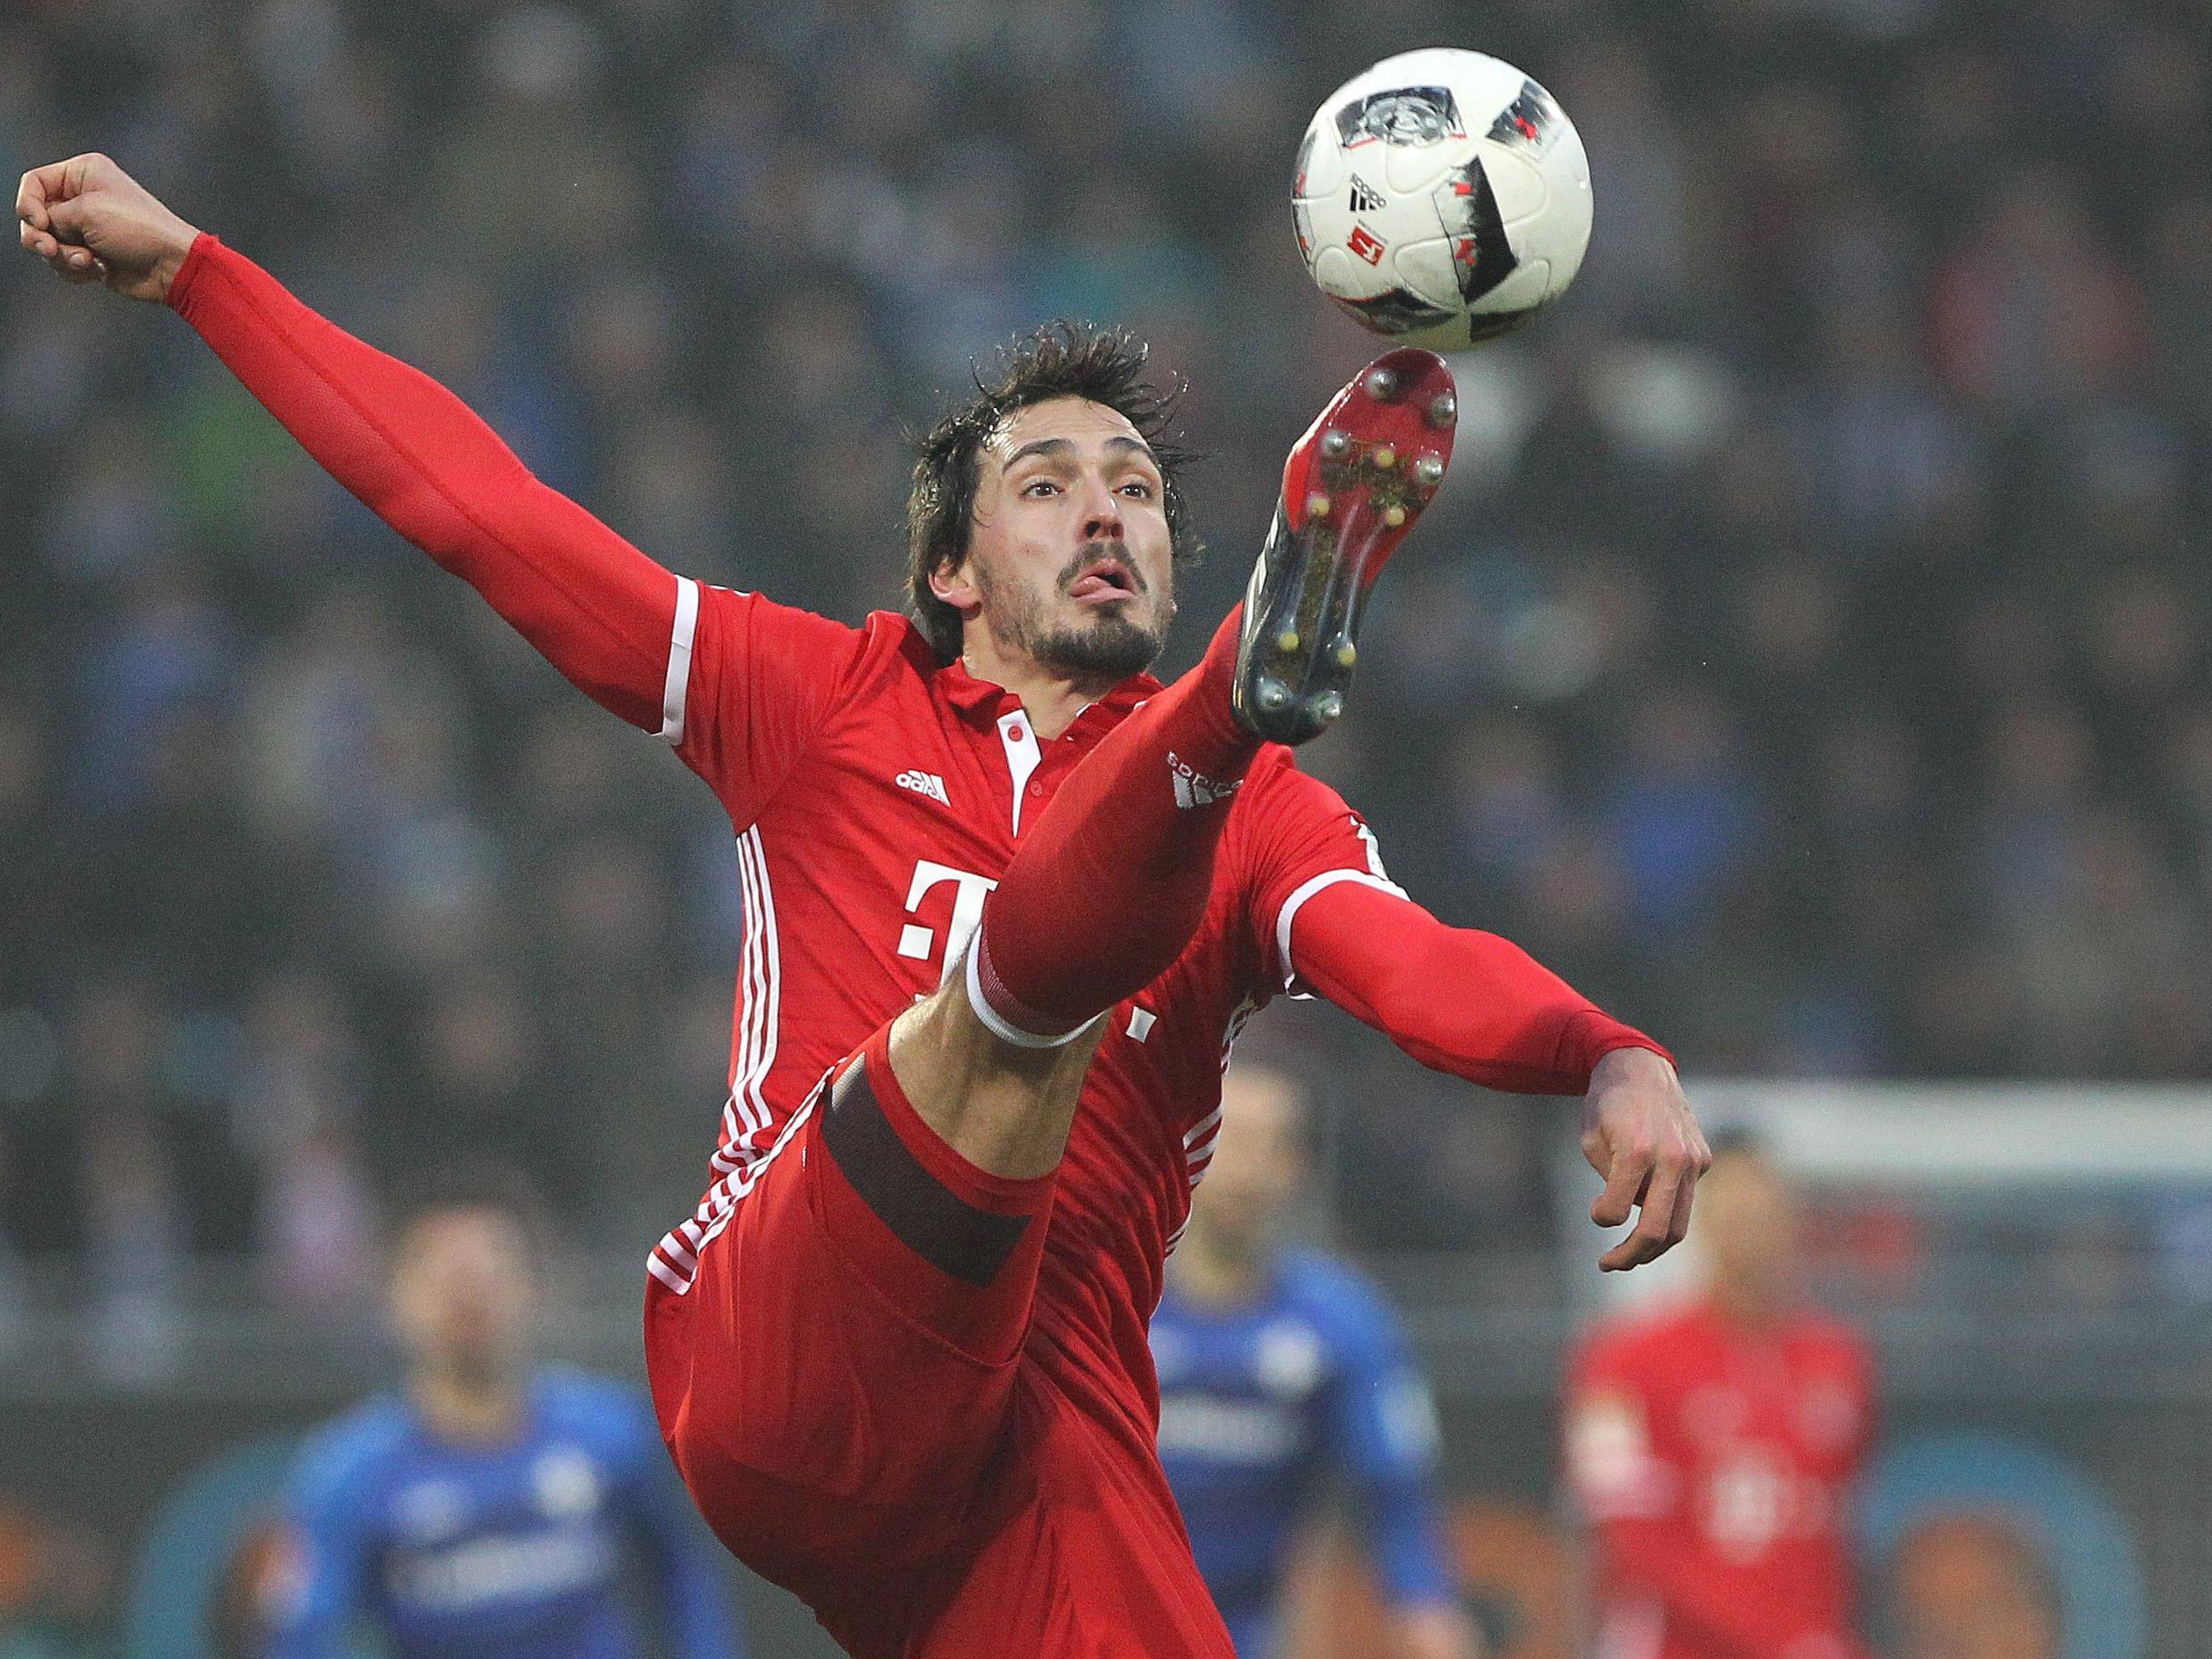 Bayern München empfängt RB Leipzig zum großen Schlager in der deutschen Bundesliga.